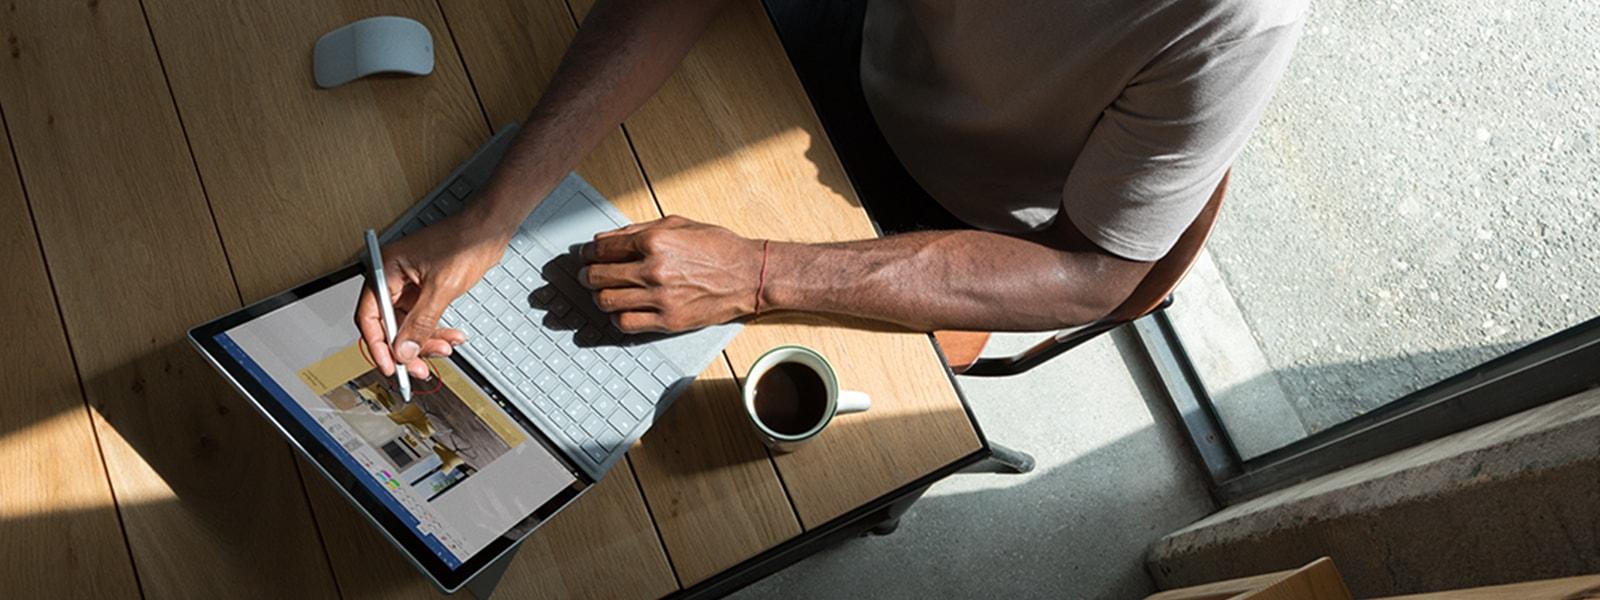 男人在咖啡廳,在 Surface Pro 上使用 Surface 手寫筆。